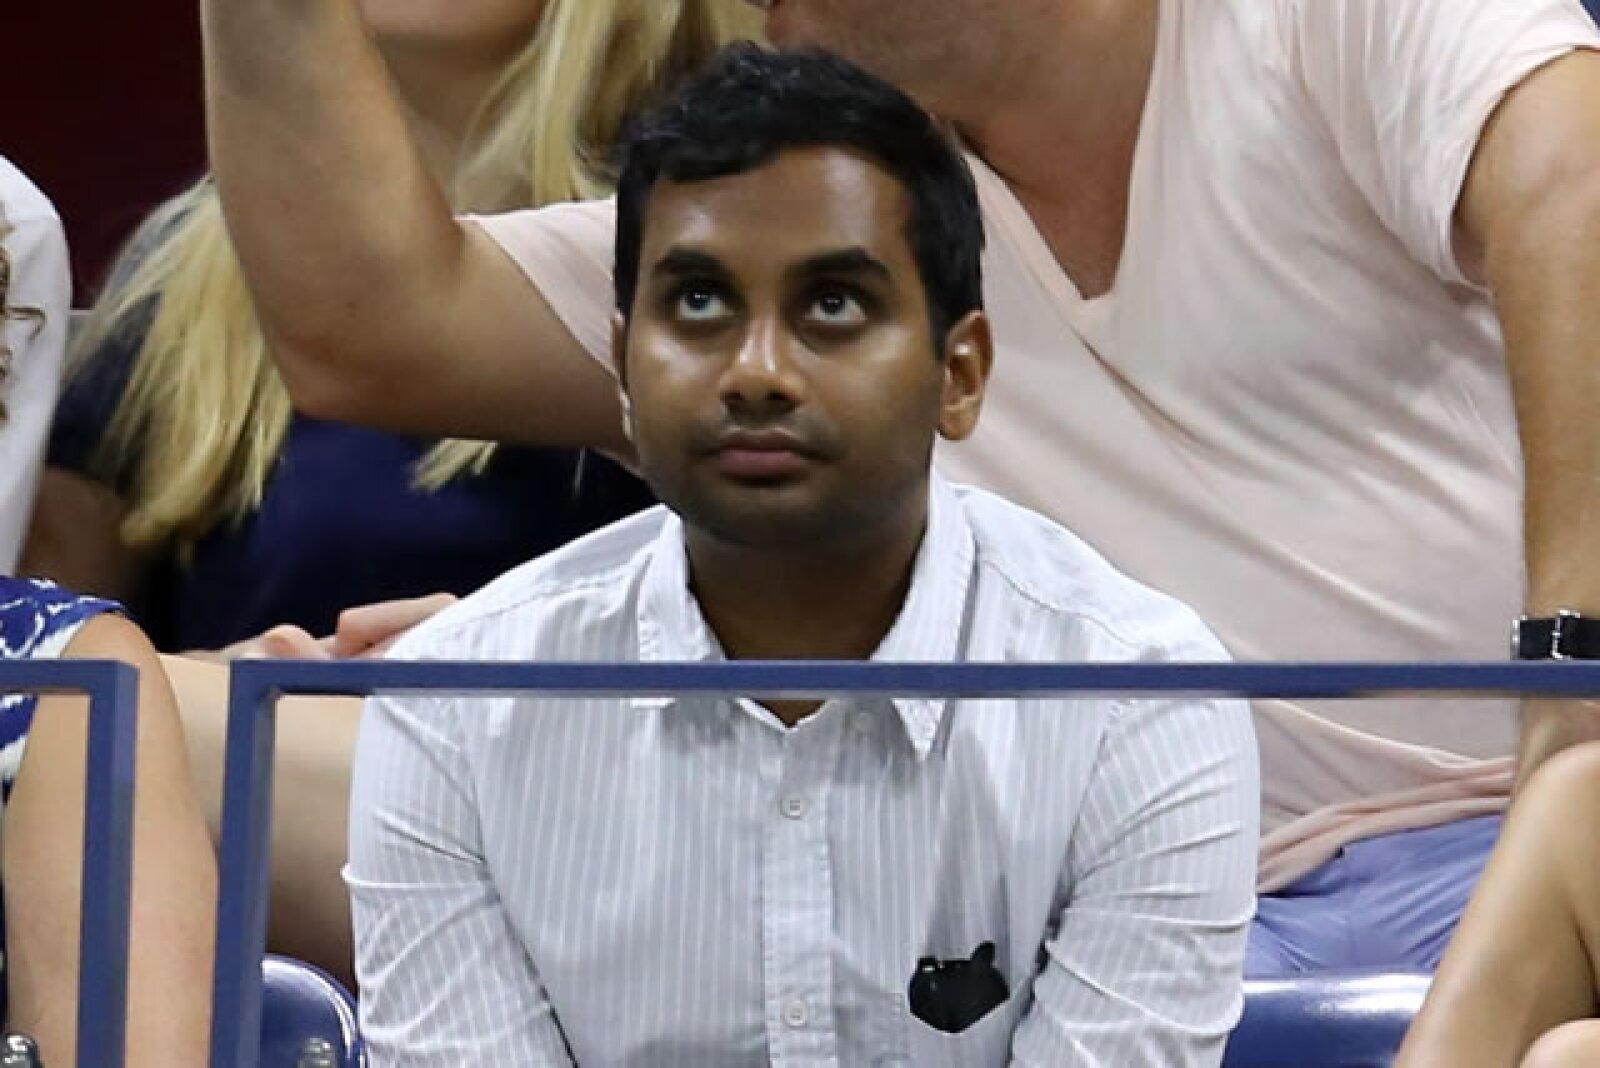 El comediante Aziz Ansari no se perdió la competencia de tenis.